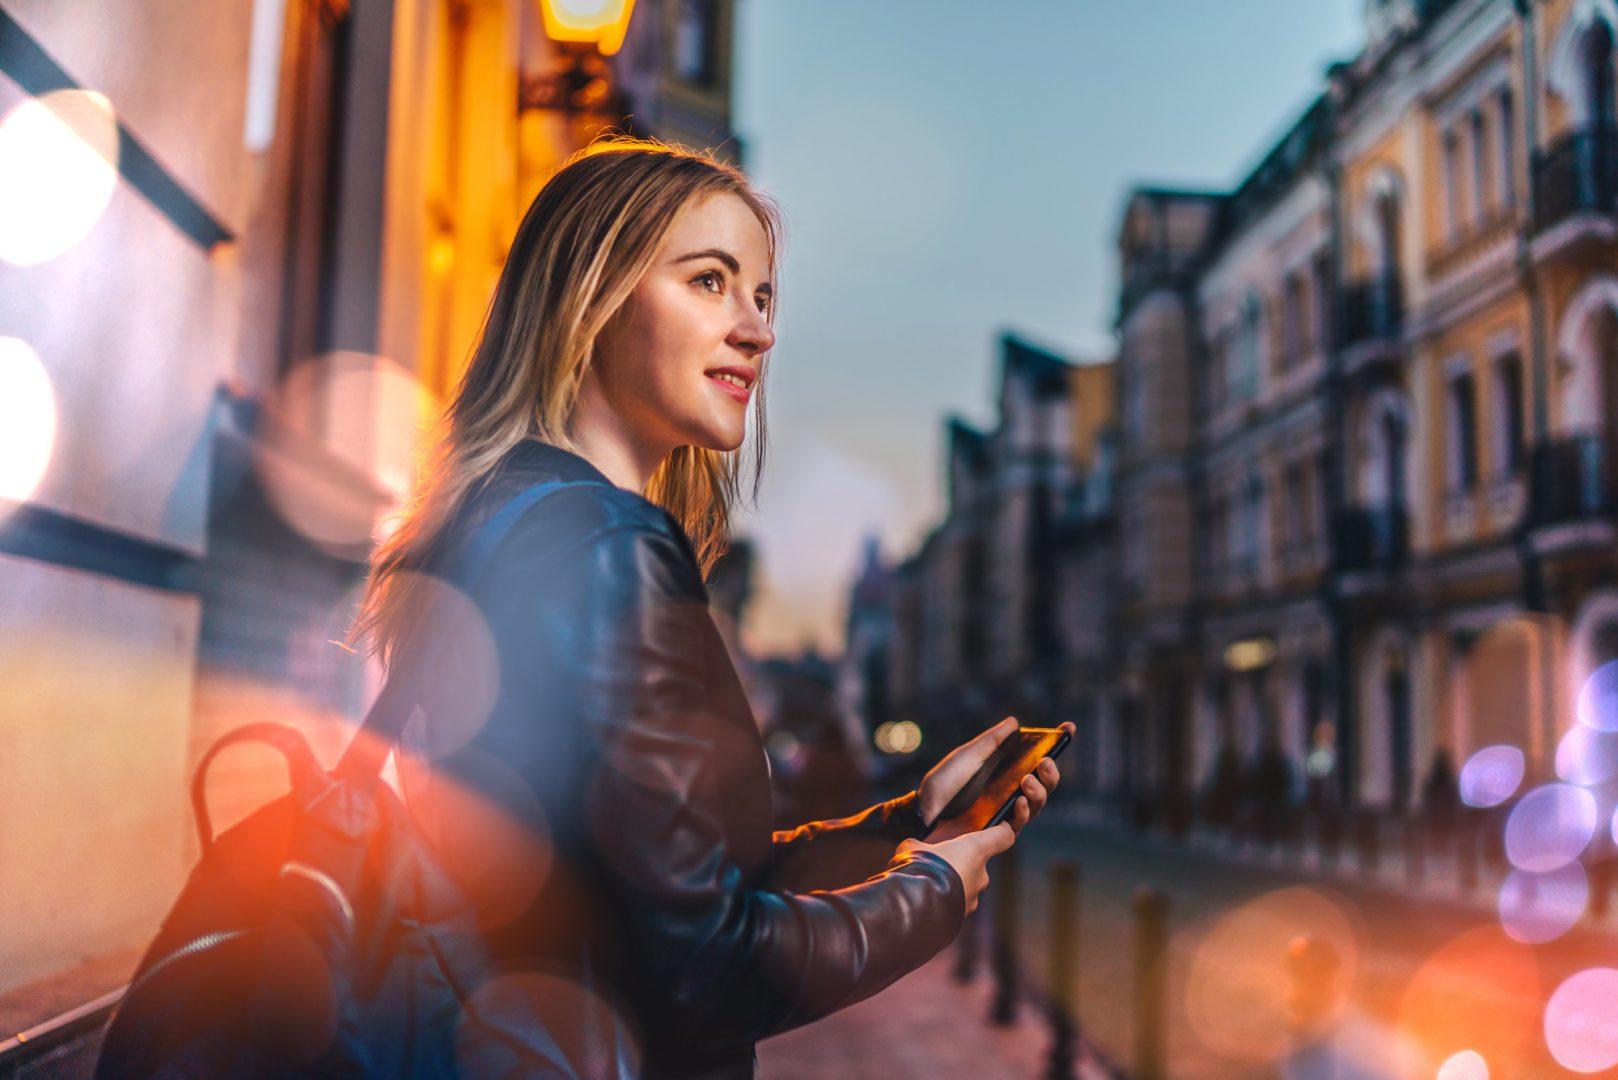 смартфони 5 причини да изберете 5G смартфон още сега А1 Блог